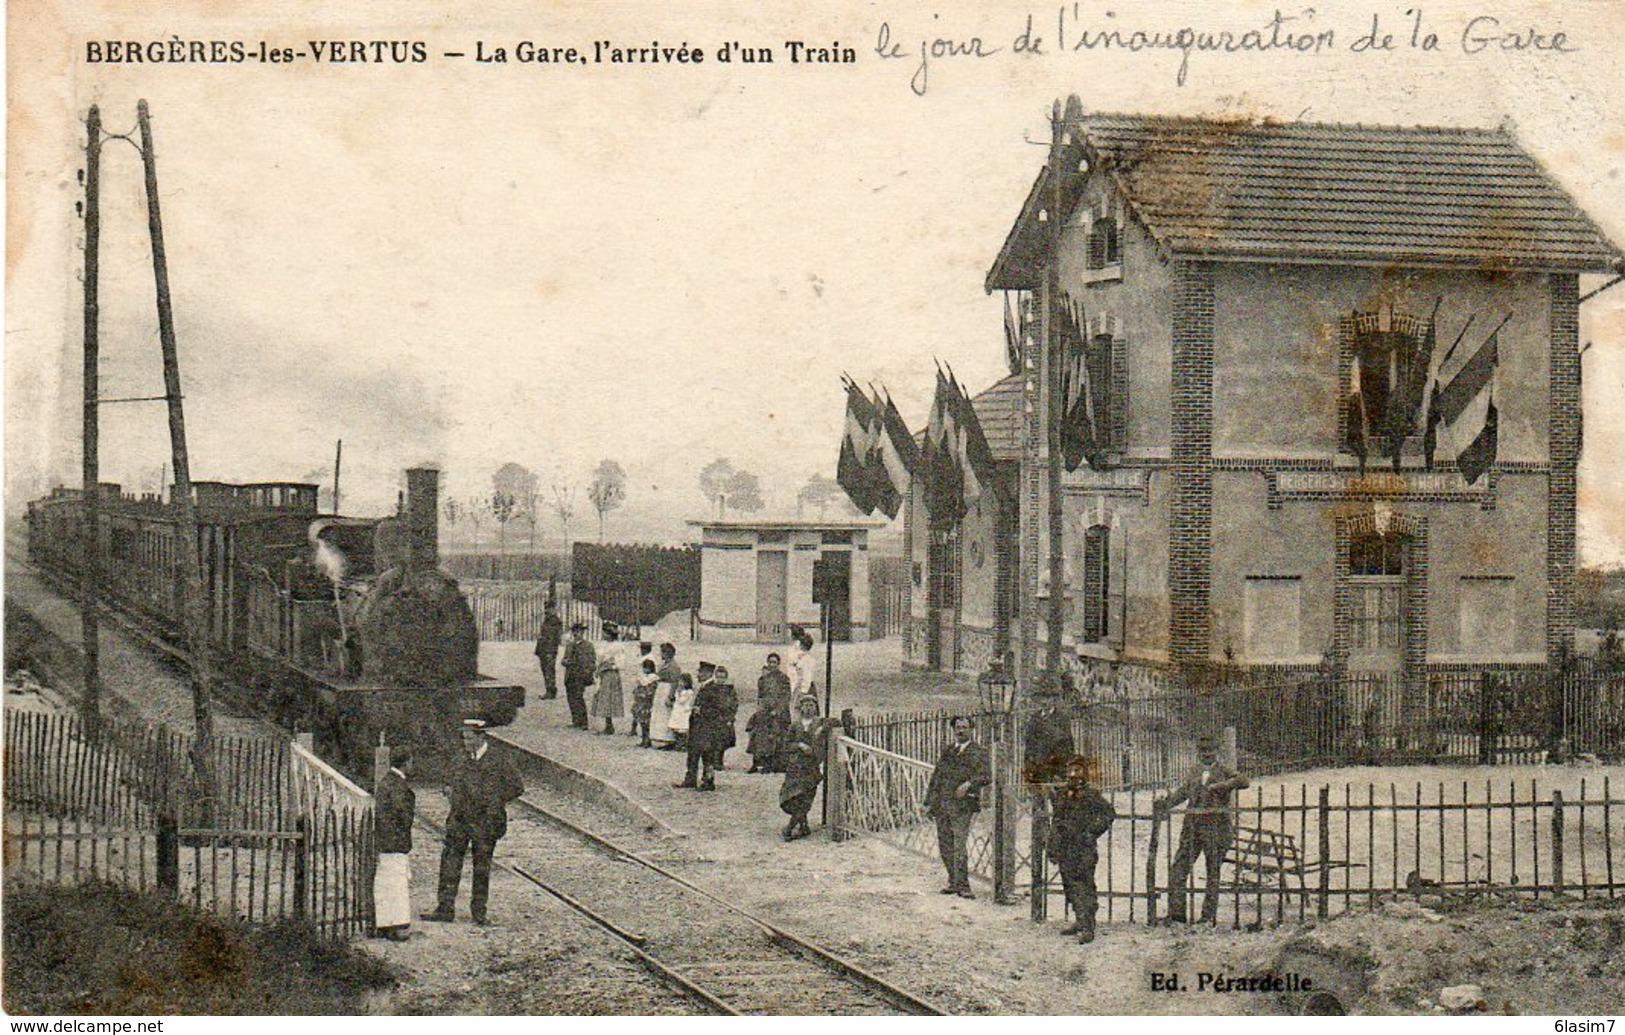 CPA - BERGERES-les-VERTUS (51) - Aspect Du Train Entrant En Gare Le Jour De L'inauguration En 1917 - France